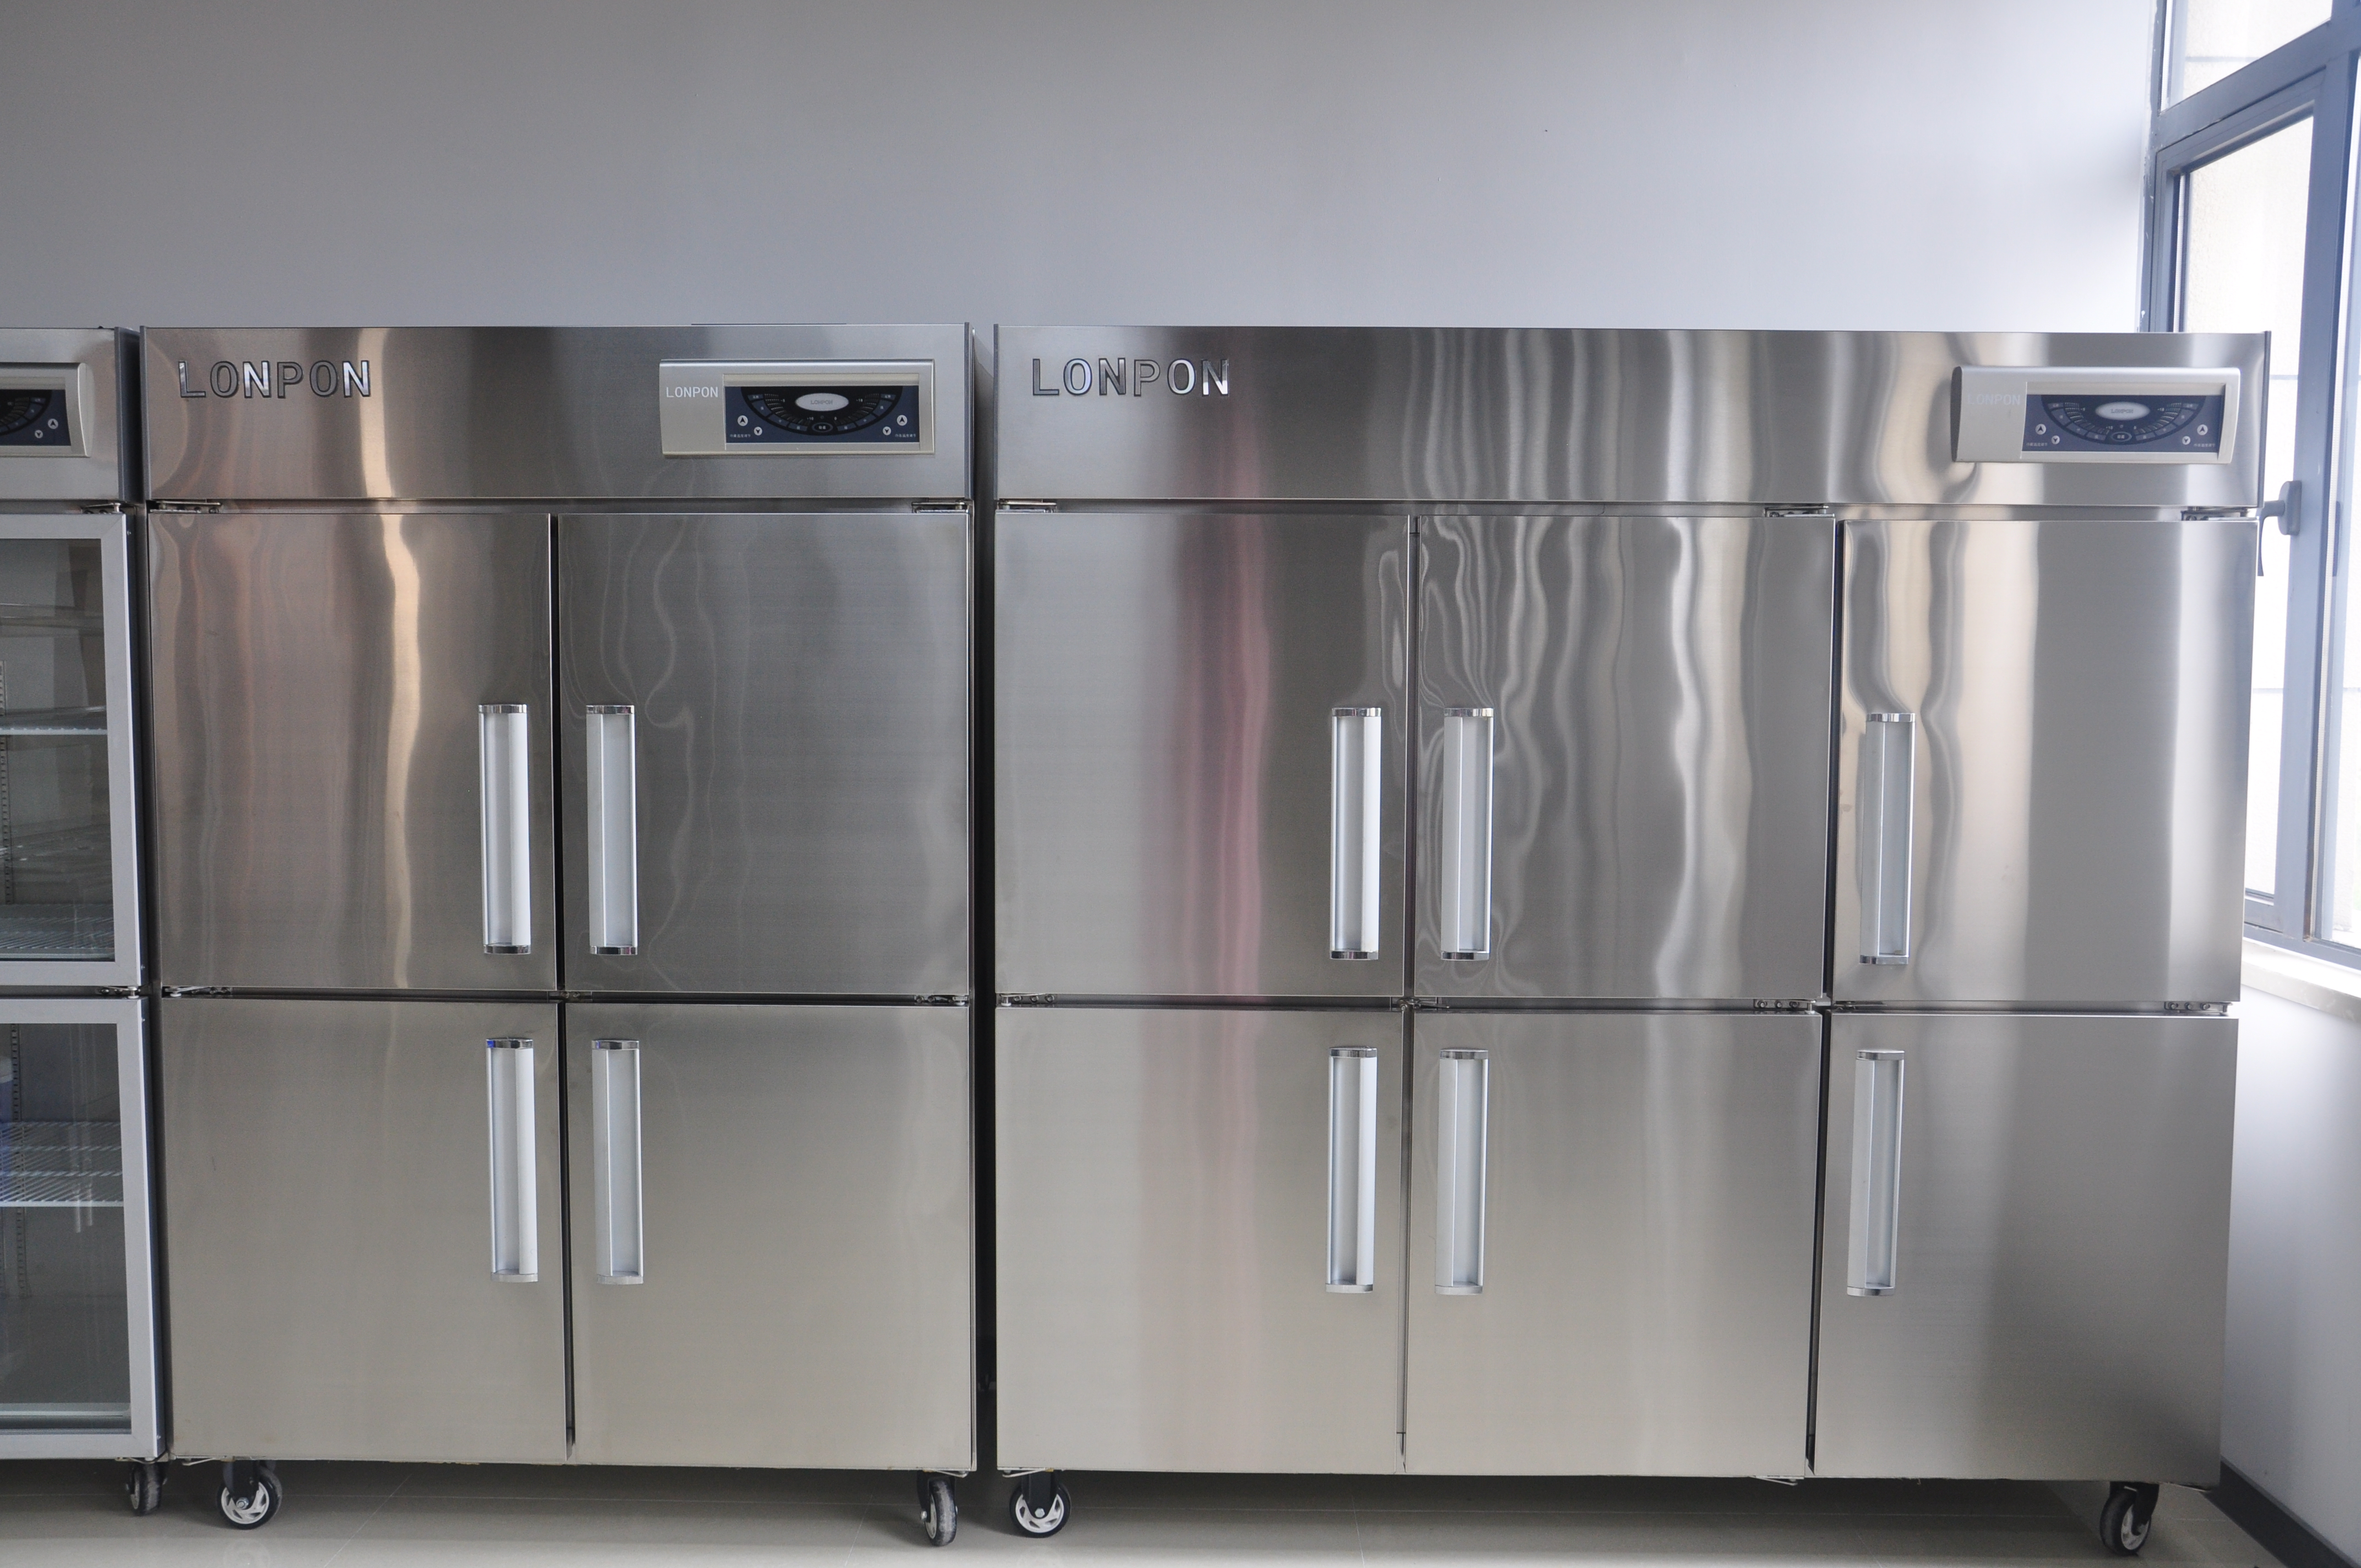 酒店厨房设备—厨房餐具消毒柜注意事项